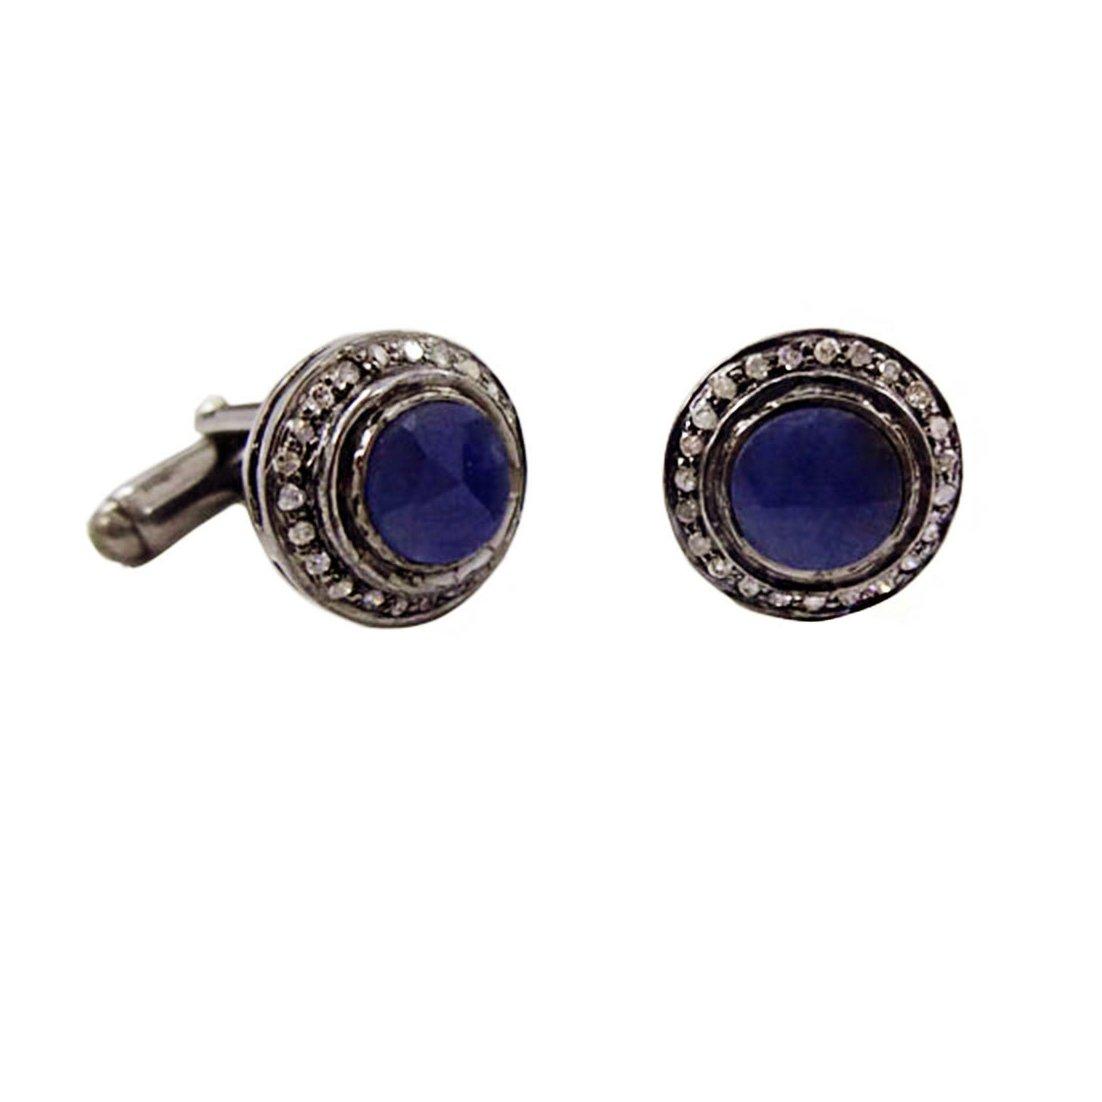 BlueSapphire Gemstone Cuffling pave Diamond wholesale Jewelry Making Supplies